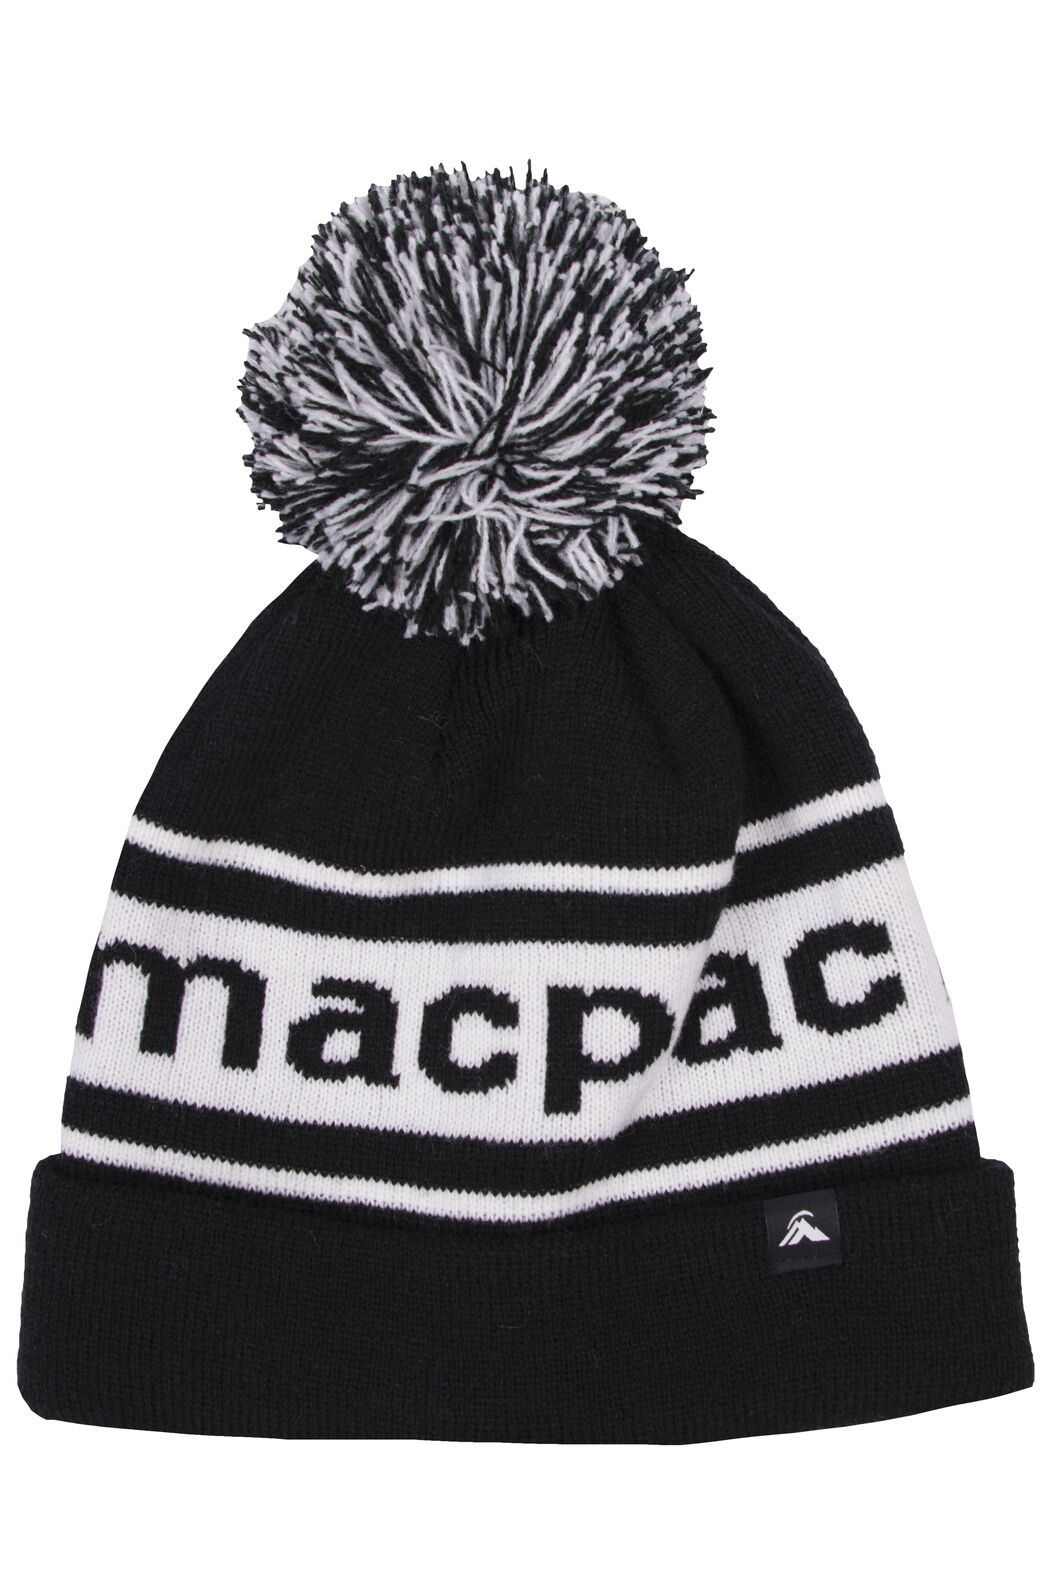 Macpac Mini Branded Beanie Macpac